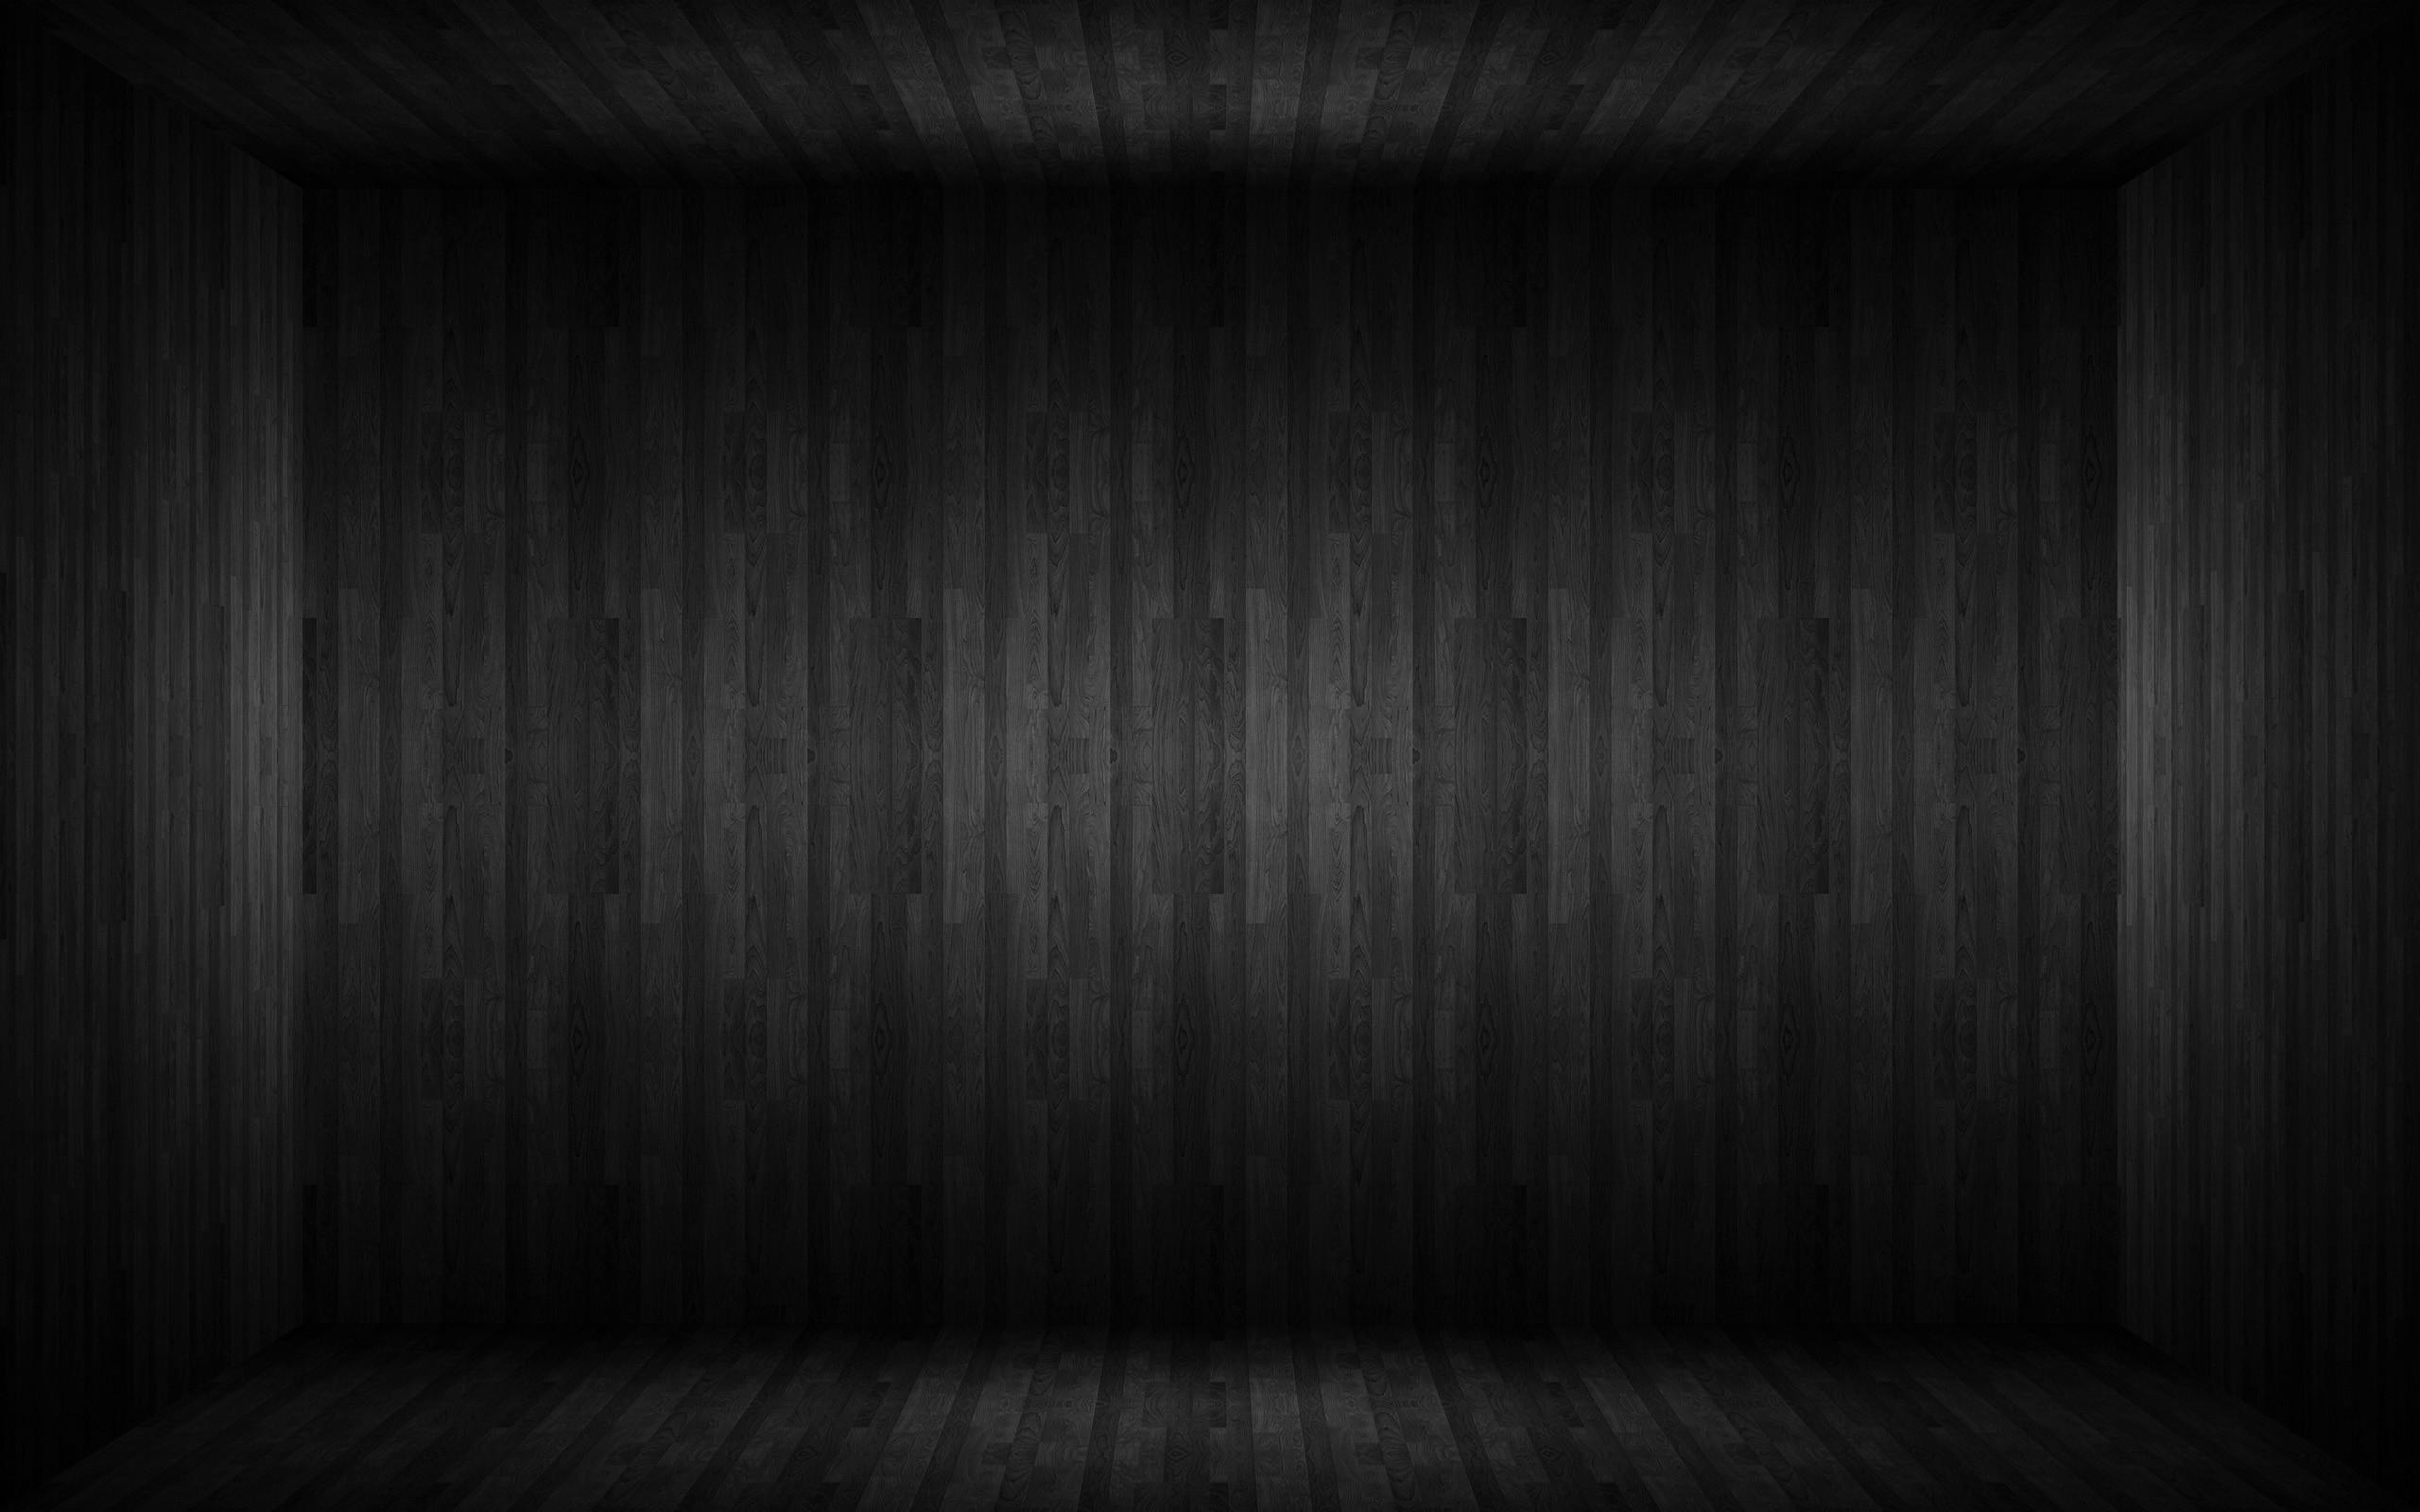 Wood Grain Wallpaper 63 Images